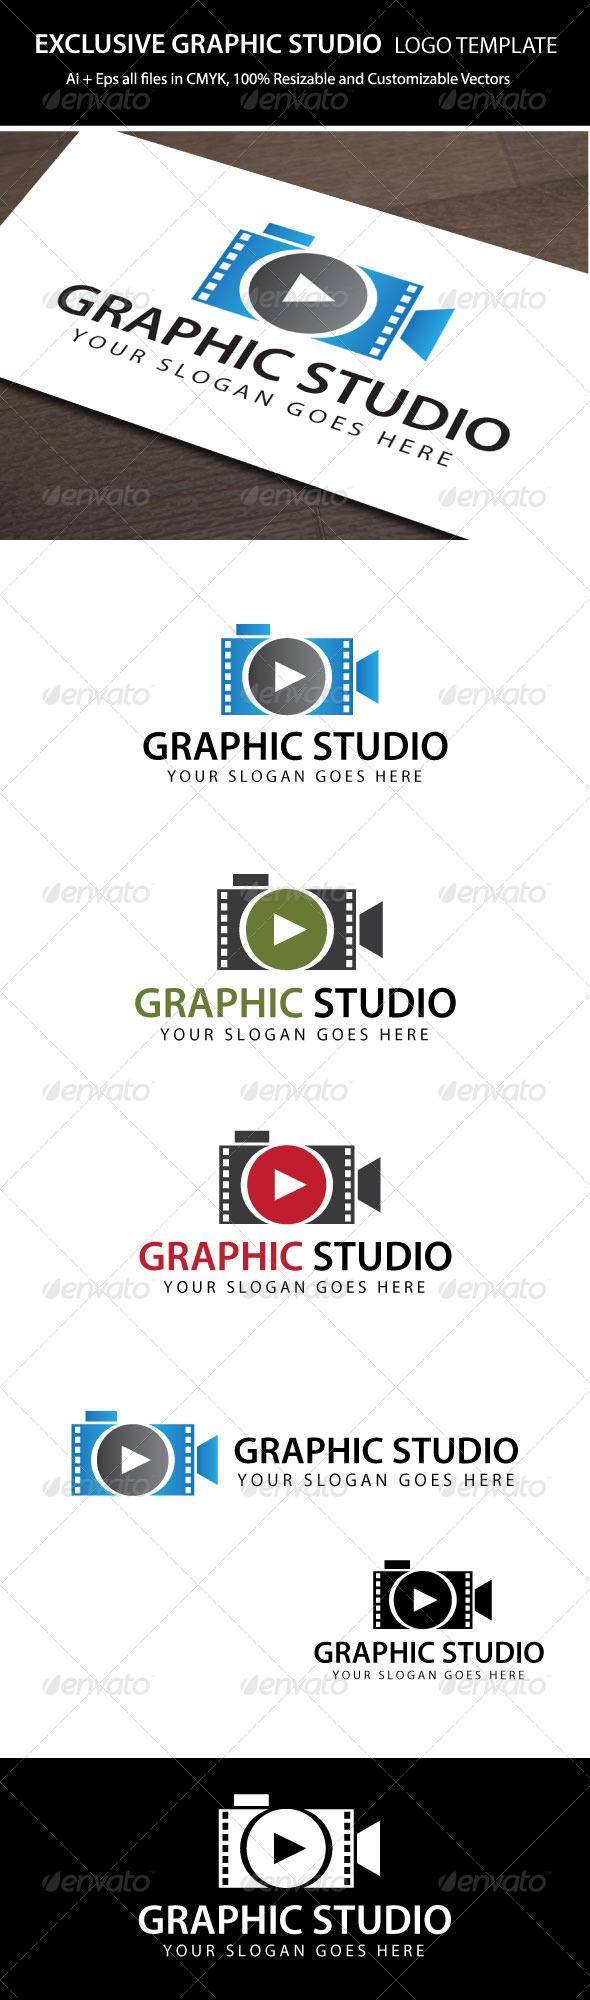 GraphicRiver Graphic Studio 5750641